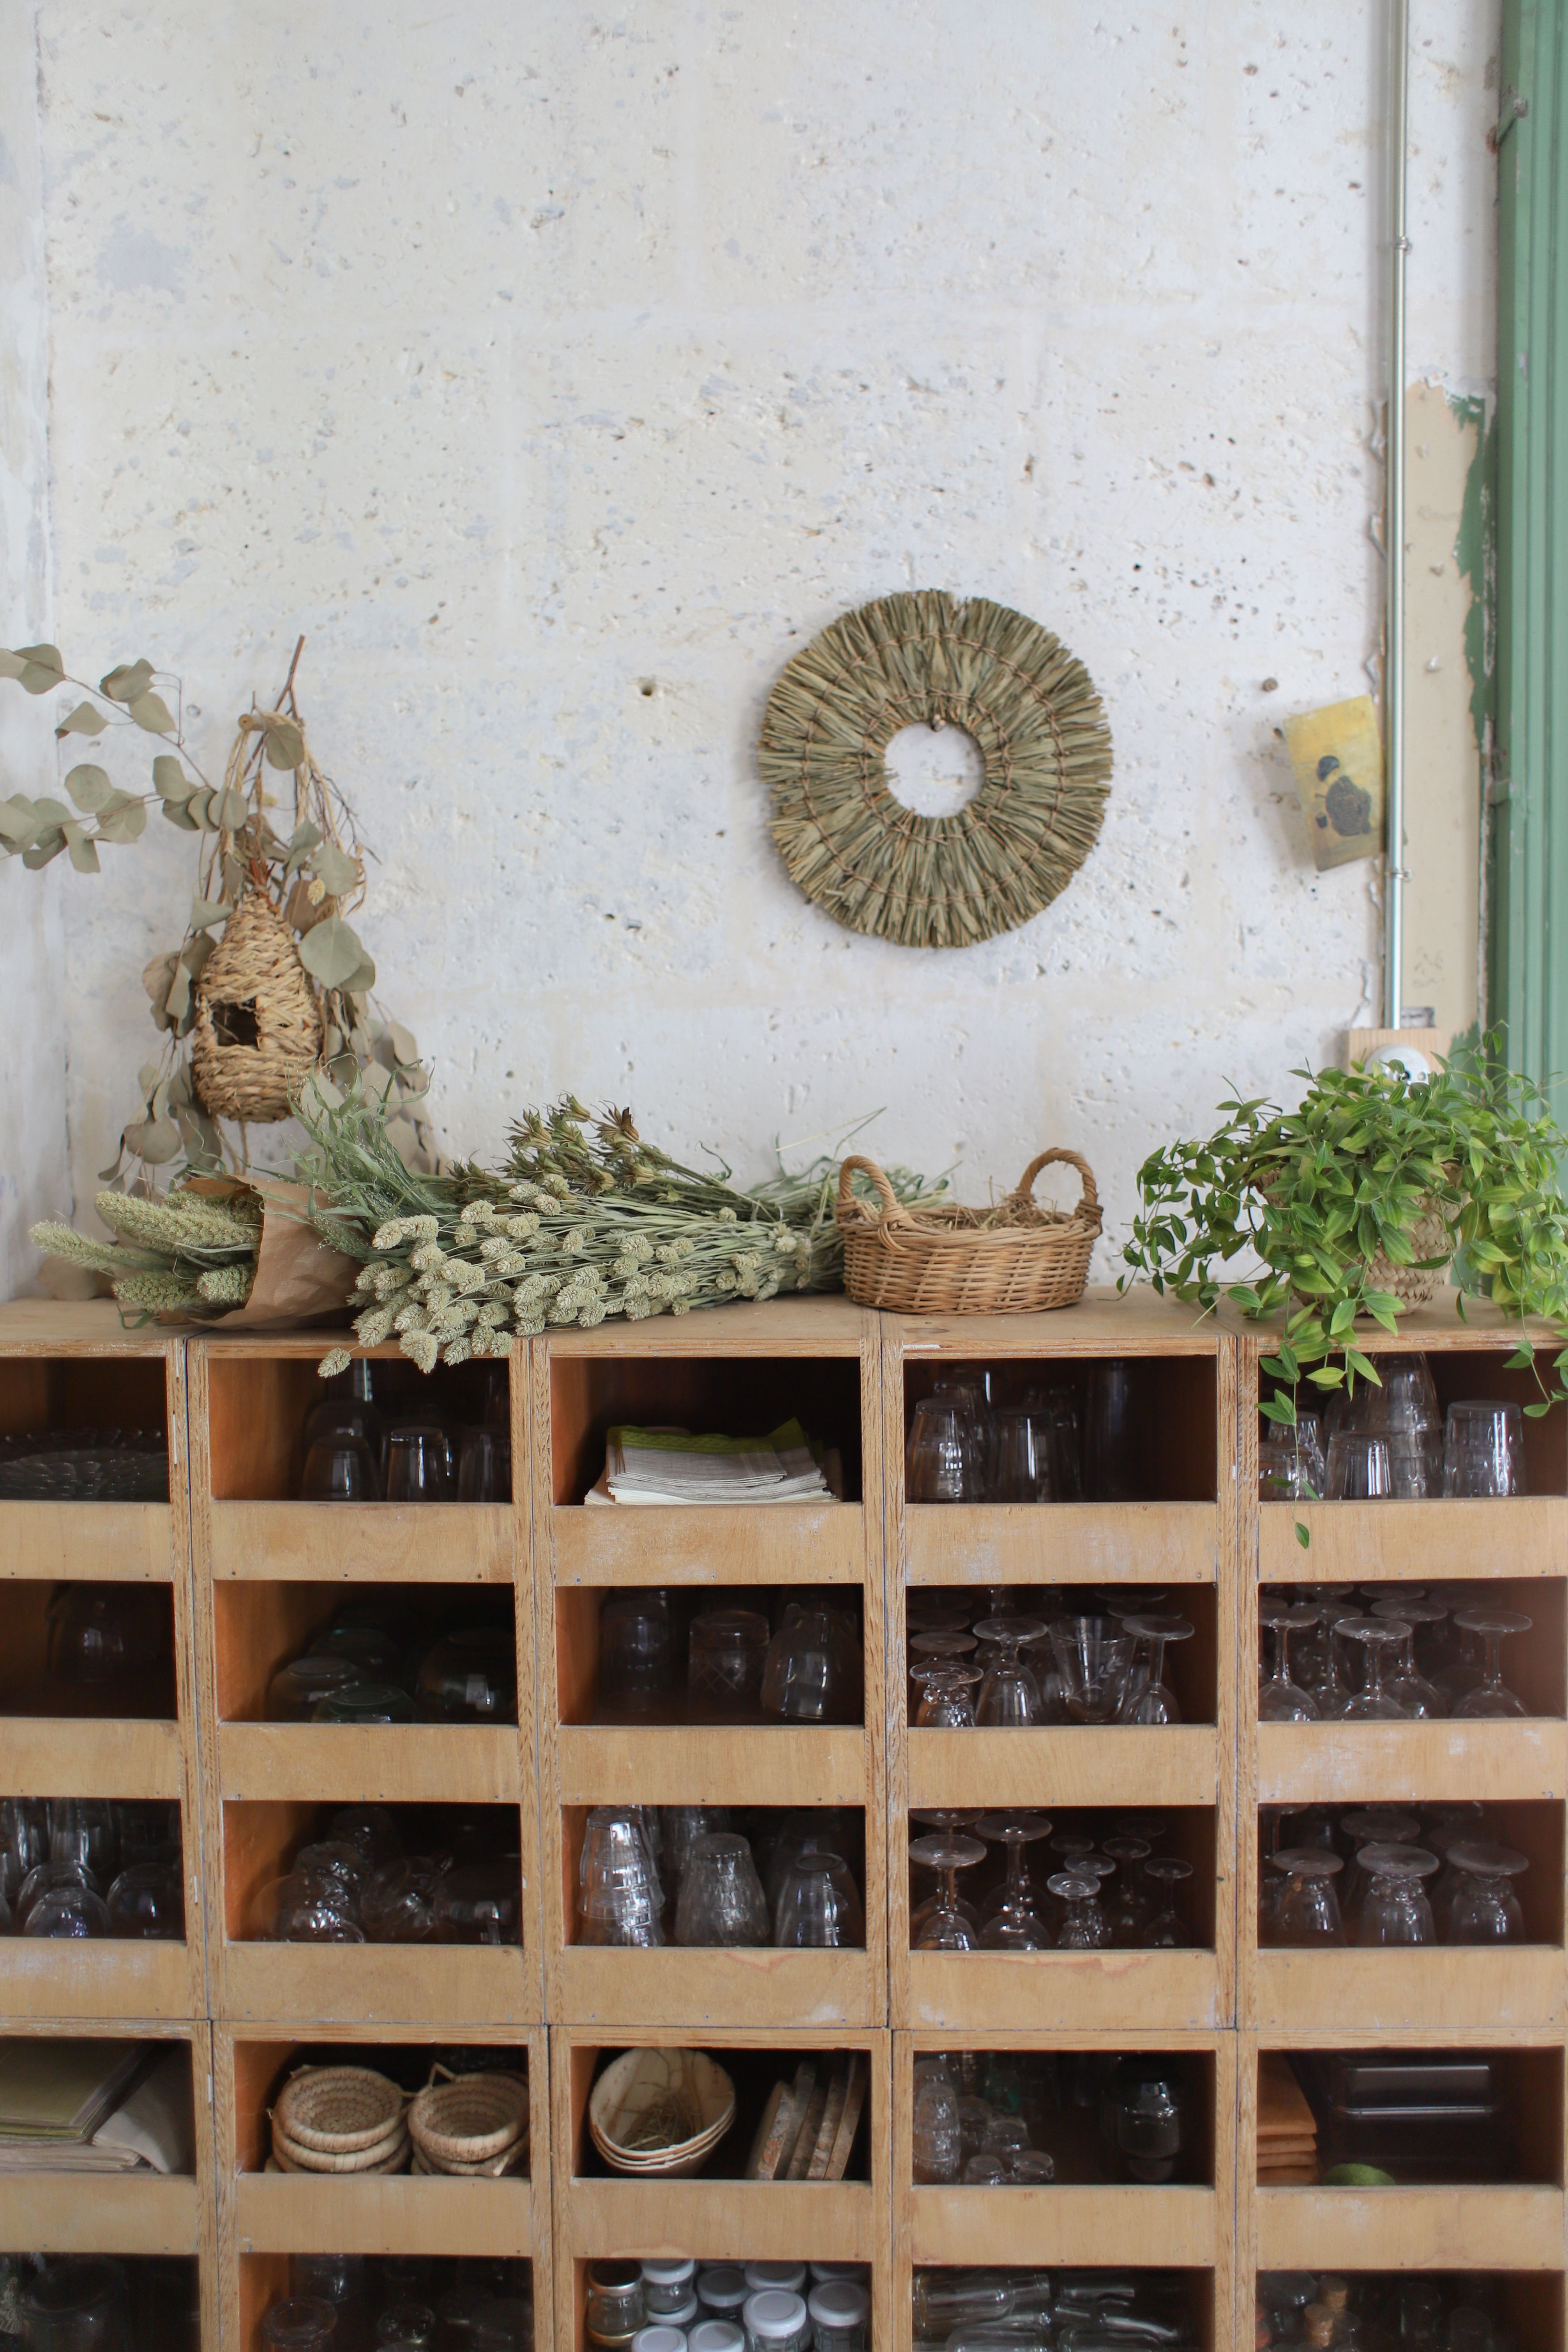 Bienvenue Au Chateau De Dirac En 2020 Meuble De Metier Vaisselle Ancienne Les Petites Emplettes